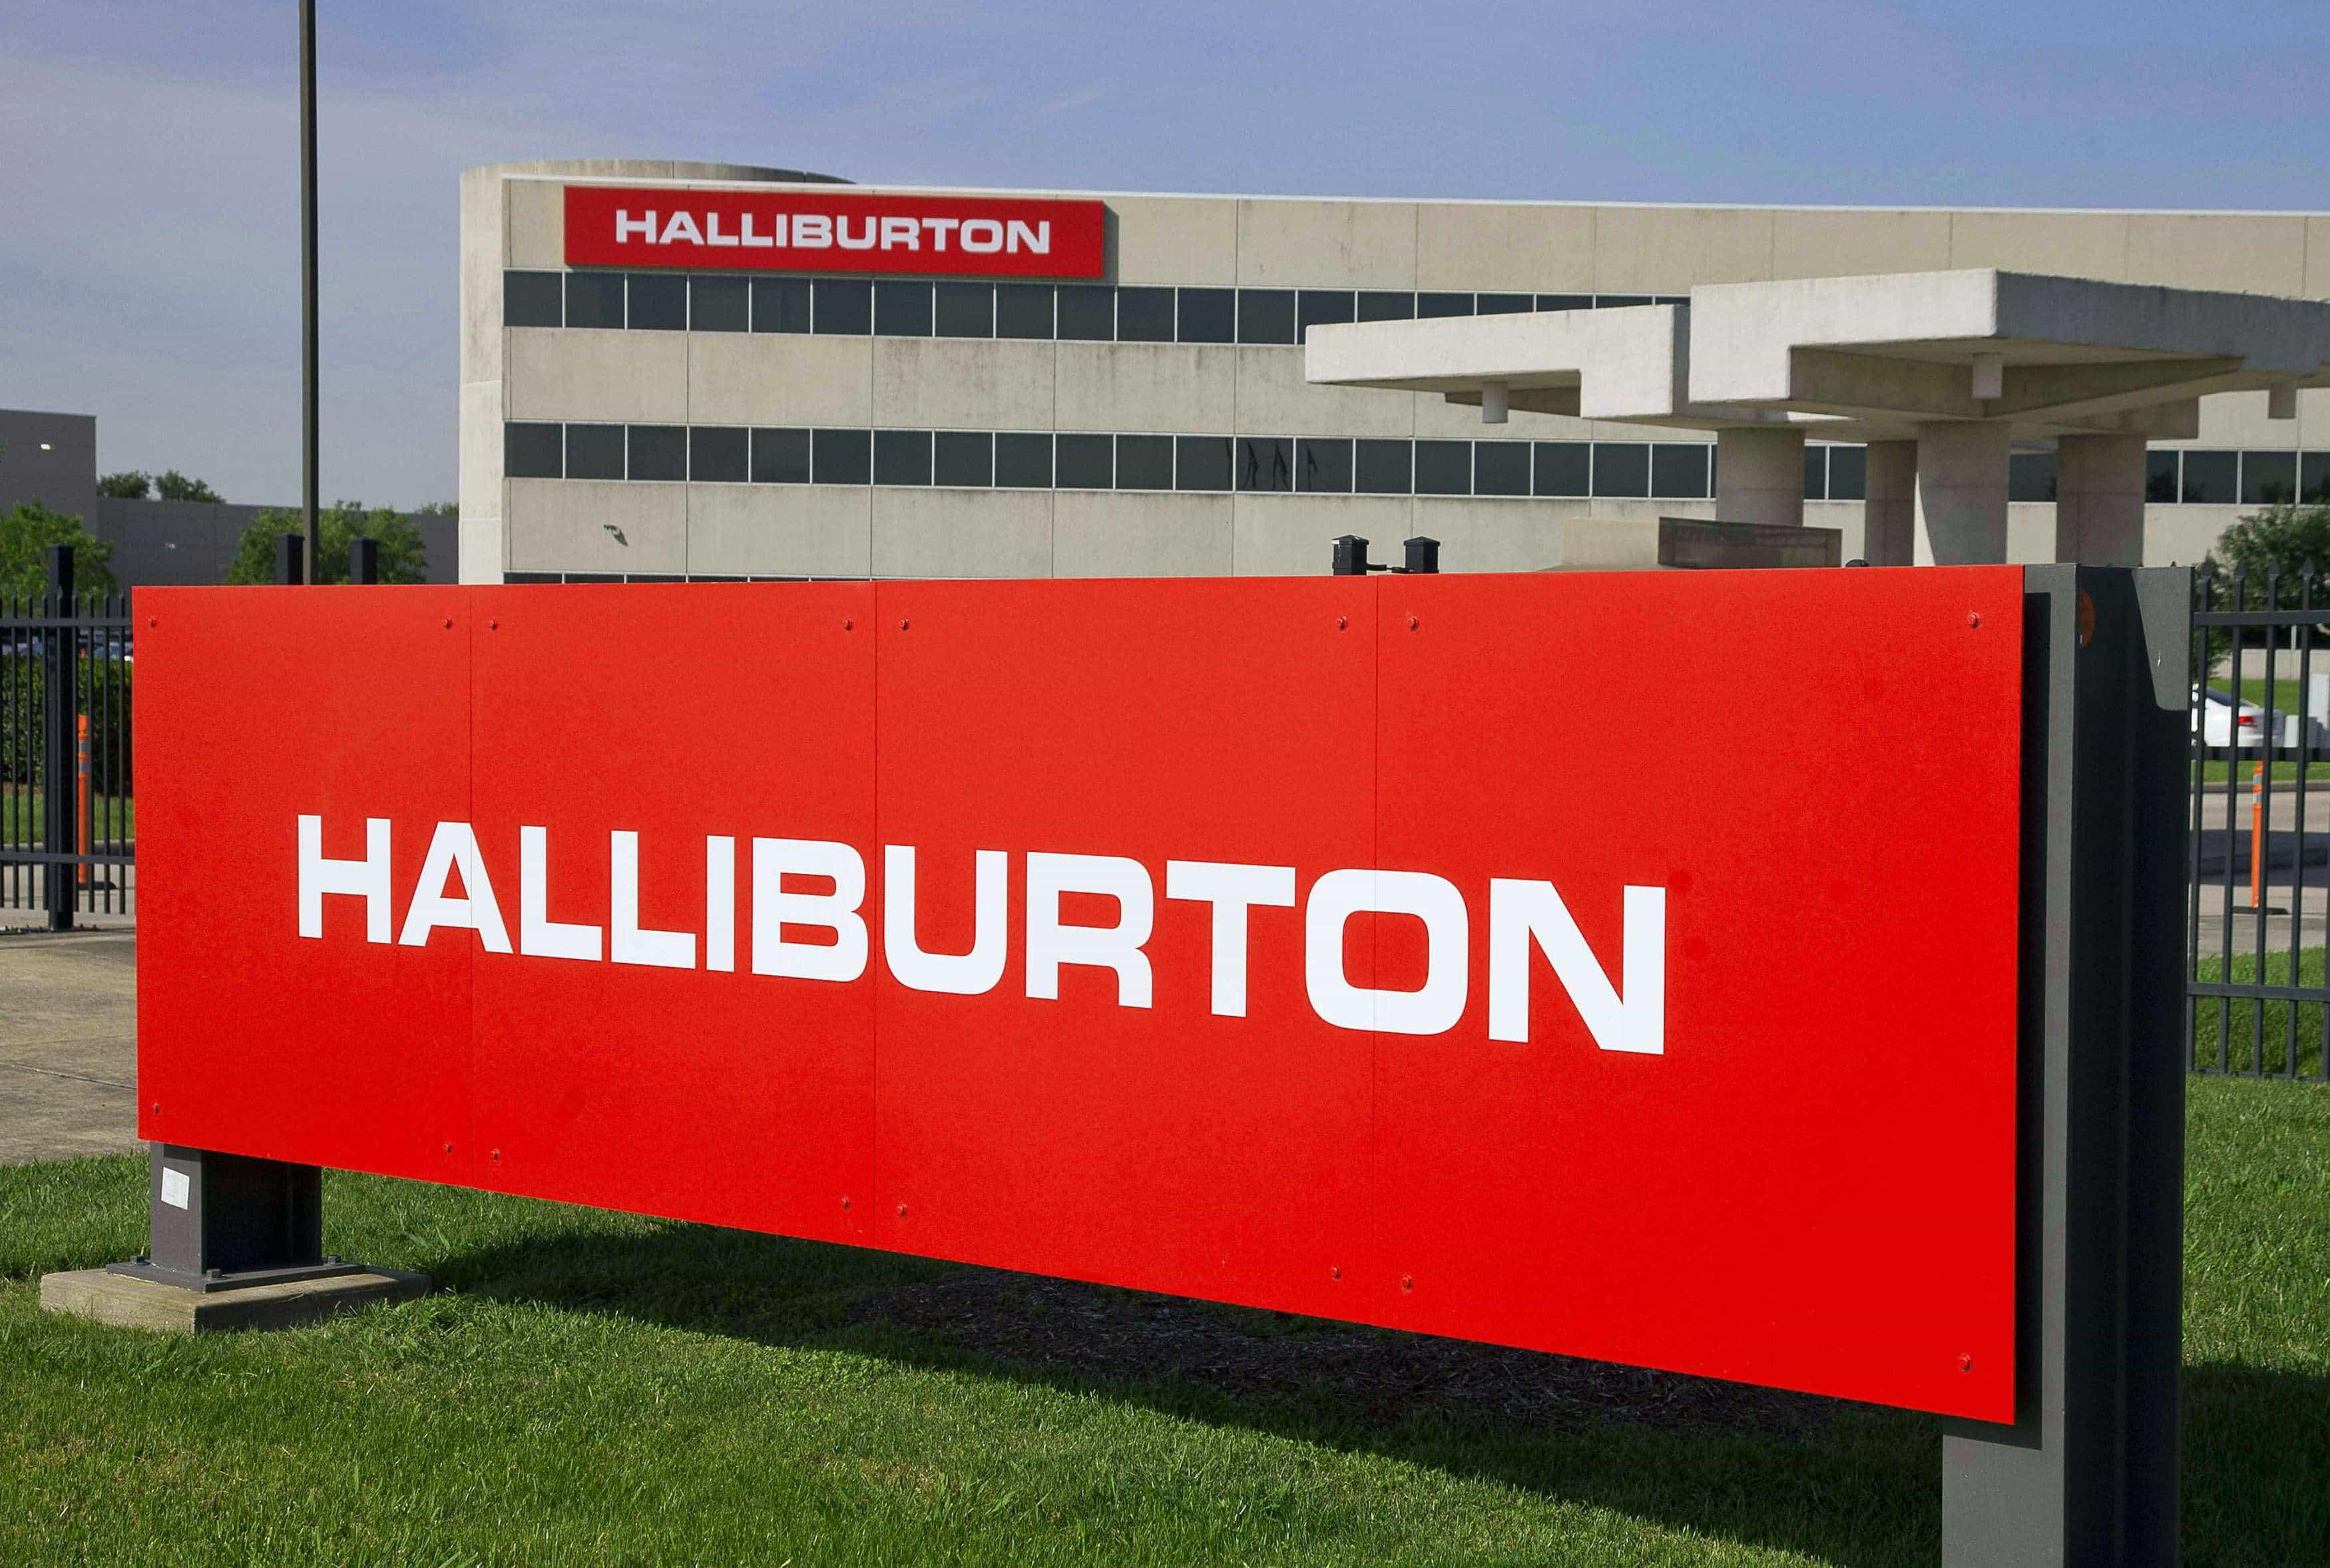 Latest job openings at Halliburton